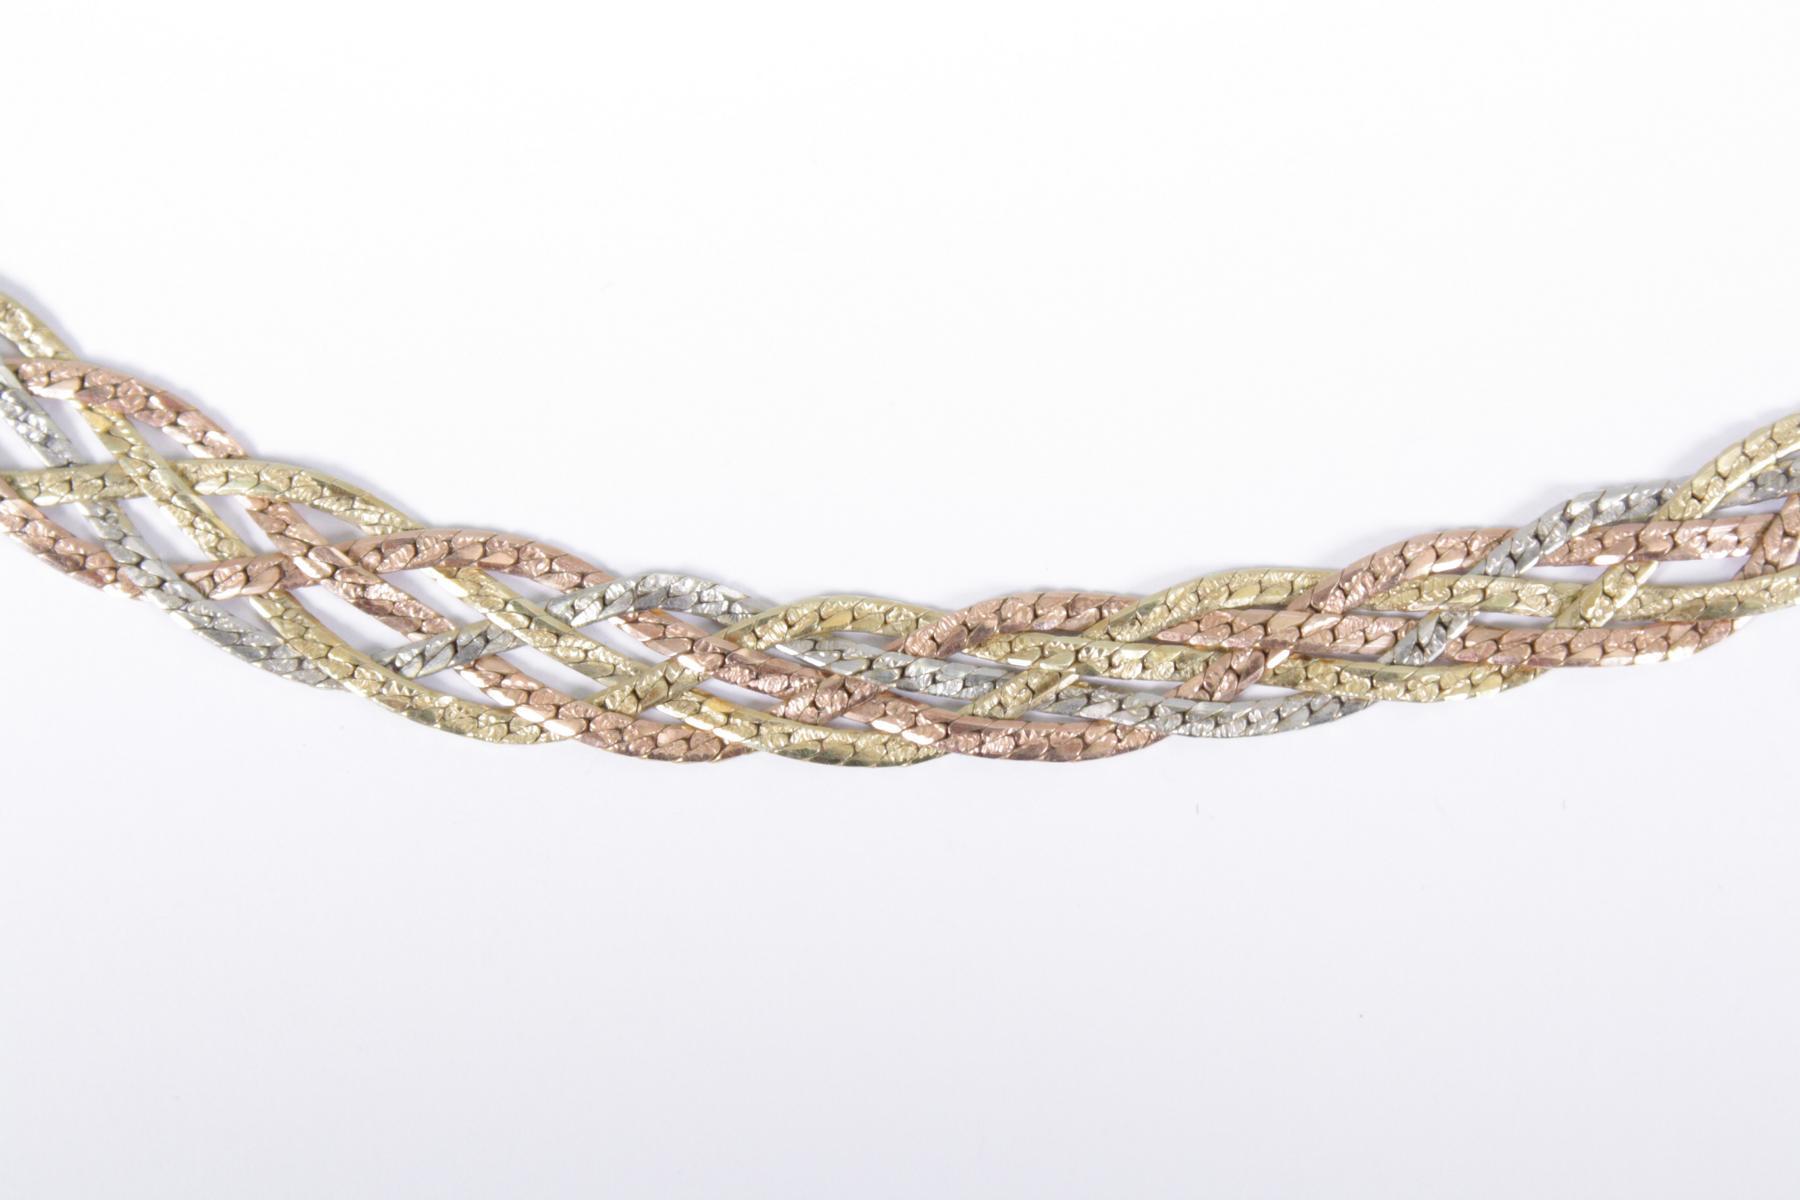 Halskette aus 14 Karat Weiß-, Rot-, und Gelbgold-2